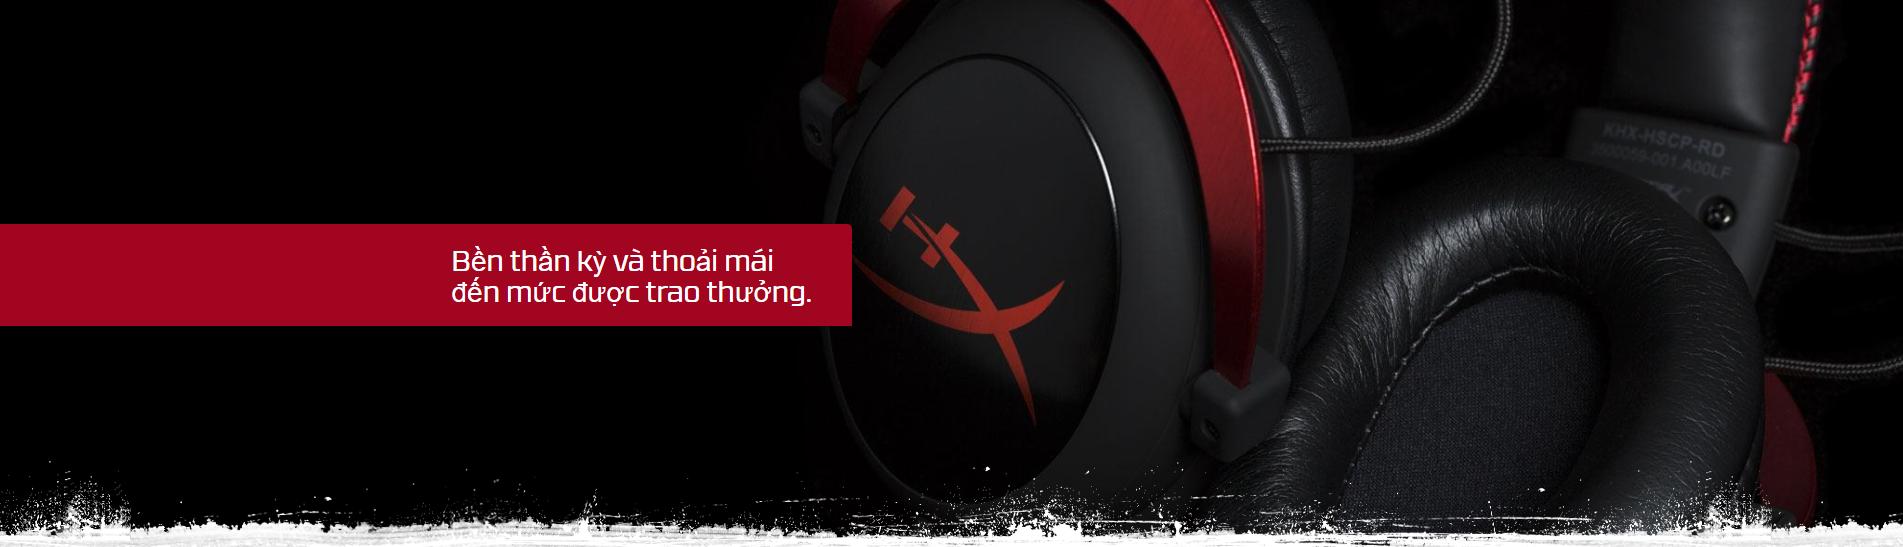 Giới thiệu Tai nghe Kingston HyperX Cloud 2 Gaming  Black (KHX-HSCP-GM)